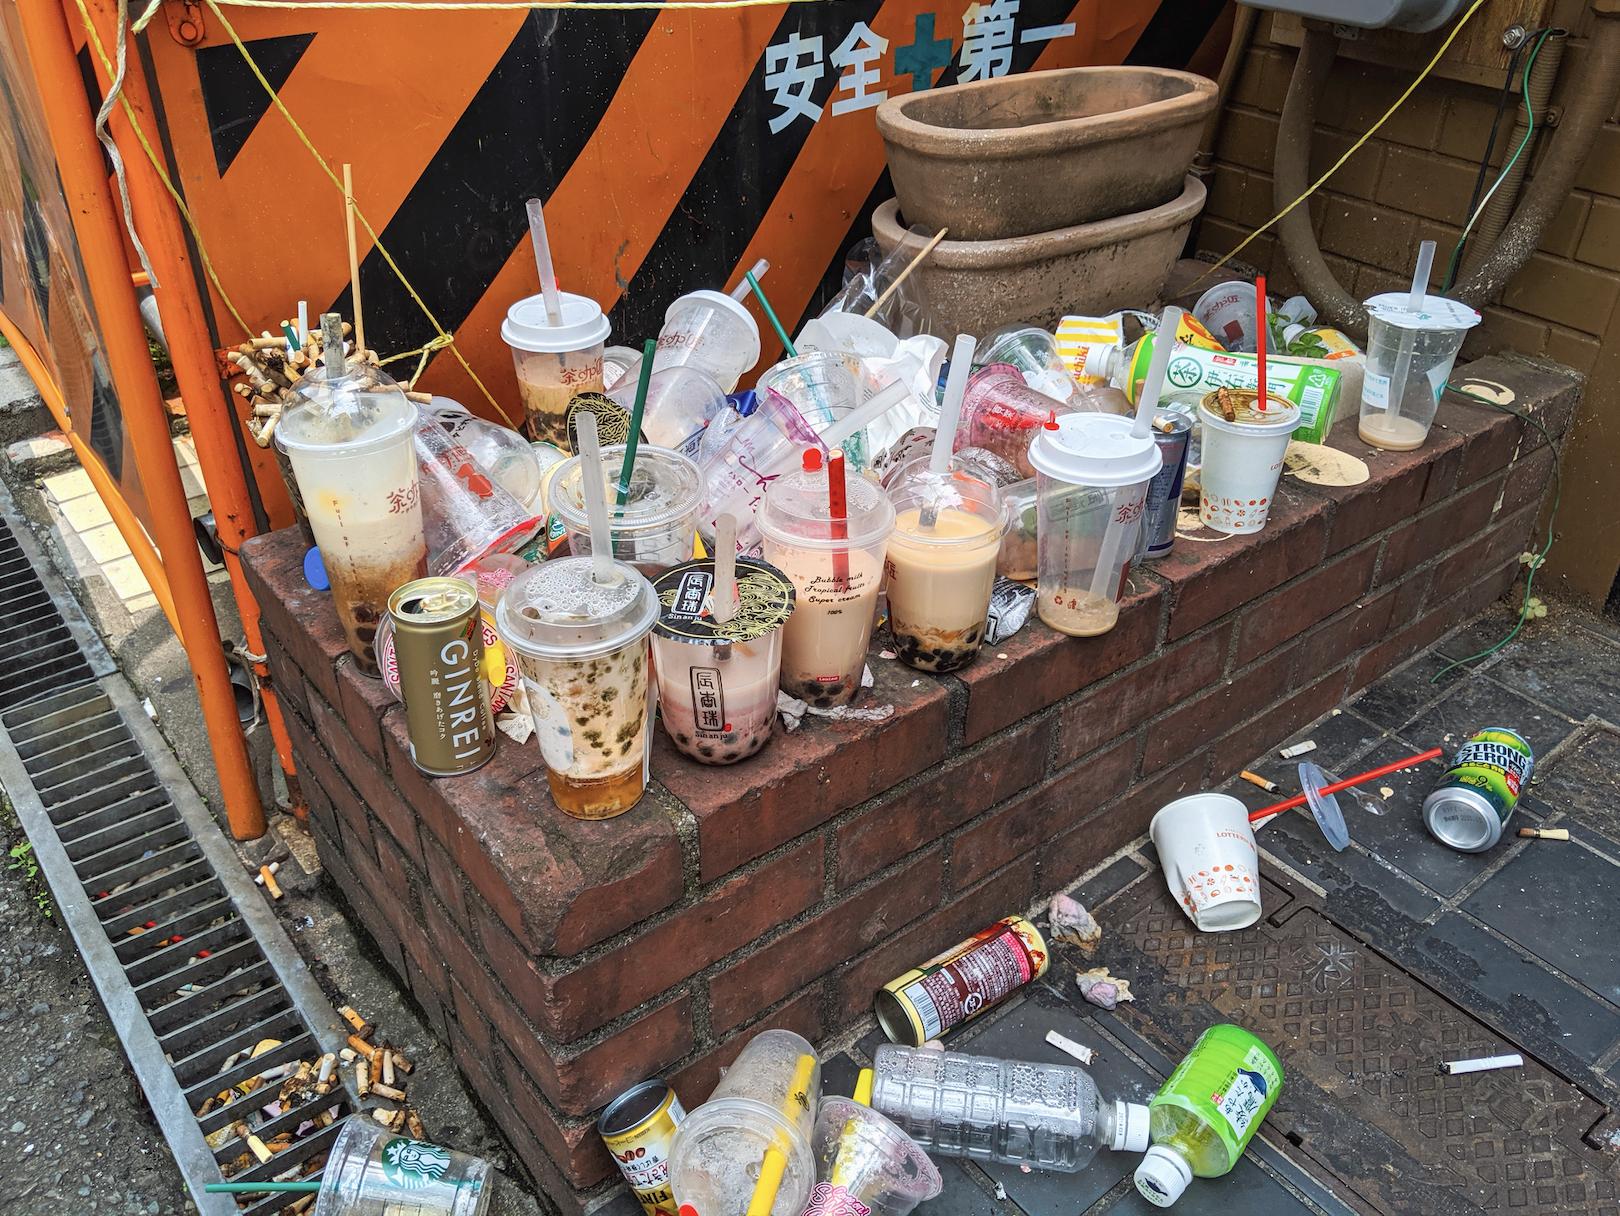 捨てる 場所 ゴミ